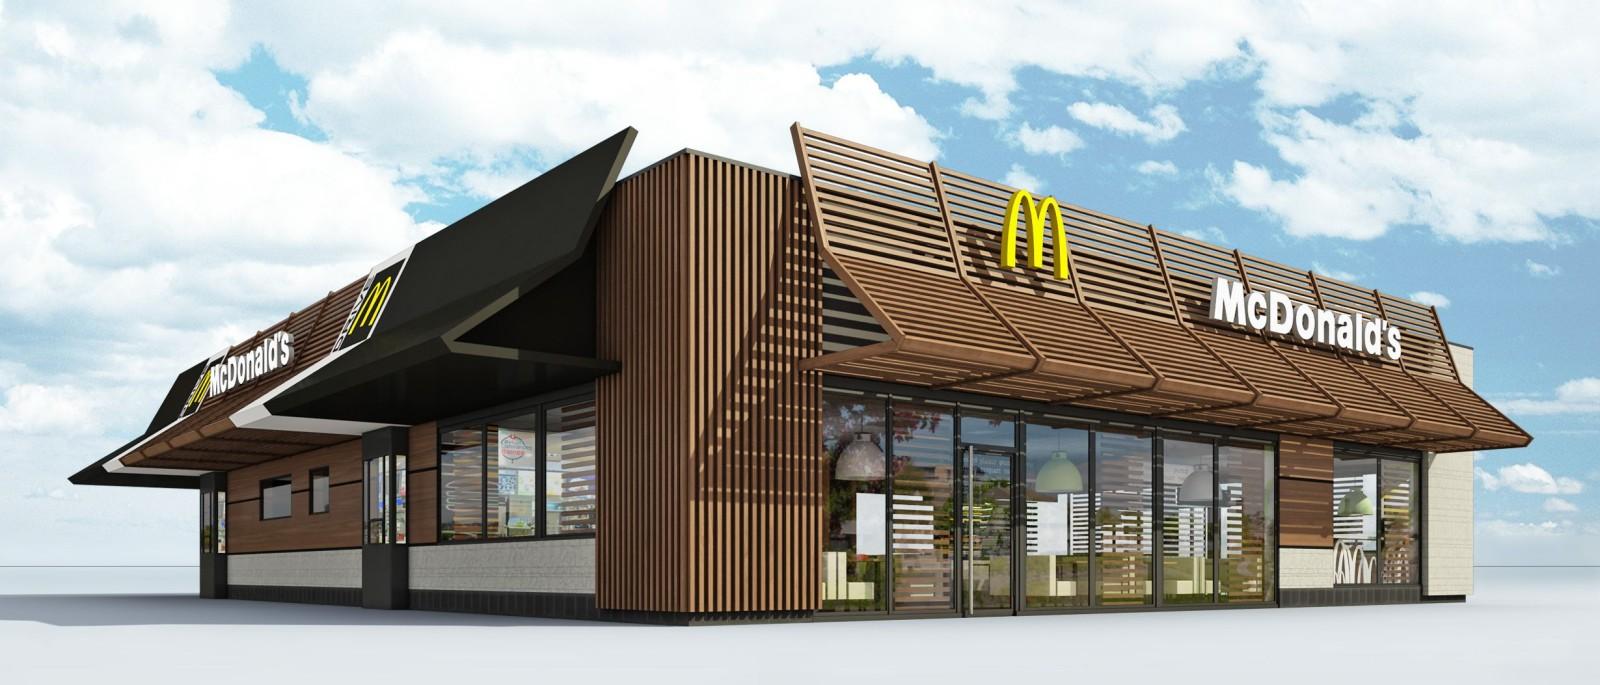 mcdonald 39 s lance la livraison domicile en australie theicollection. Black Bedroom Furniture Sets. Home Design Ideas